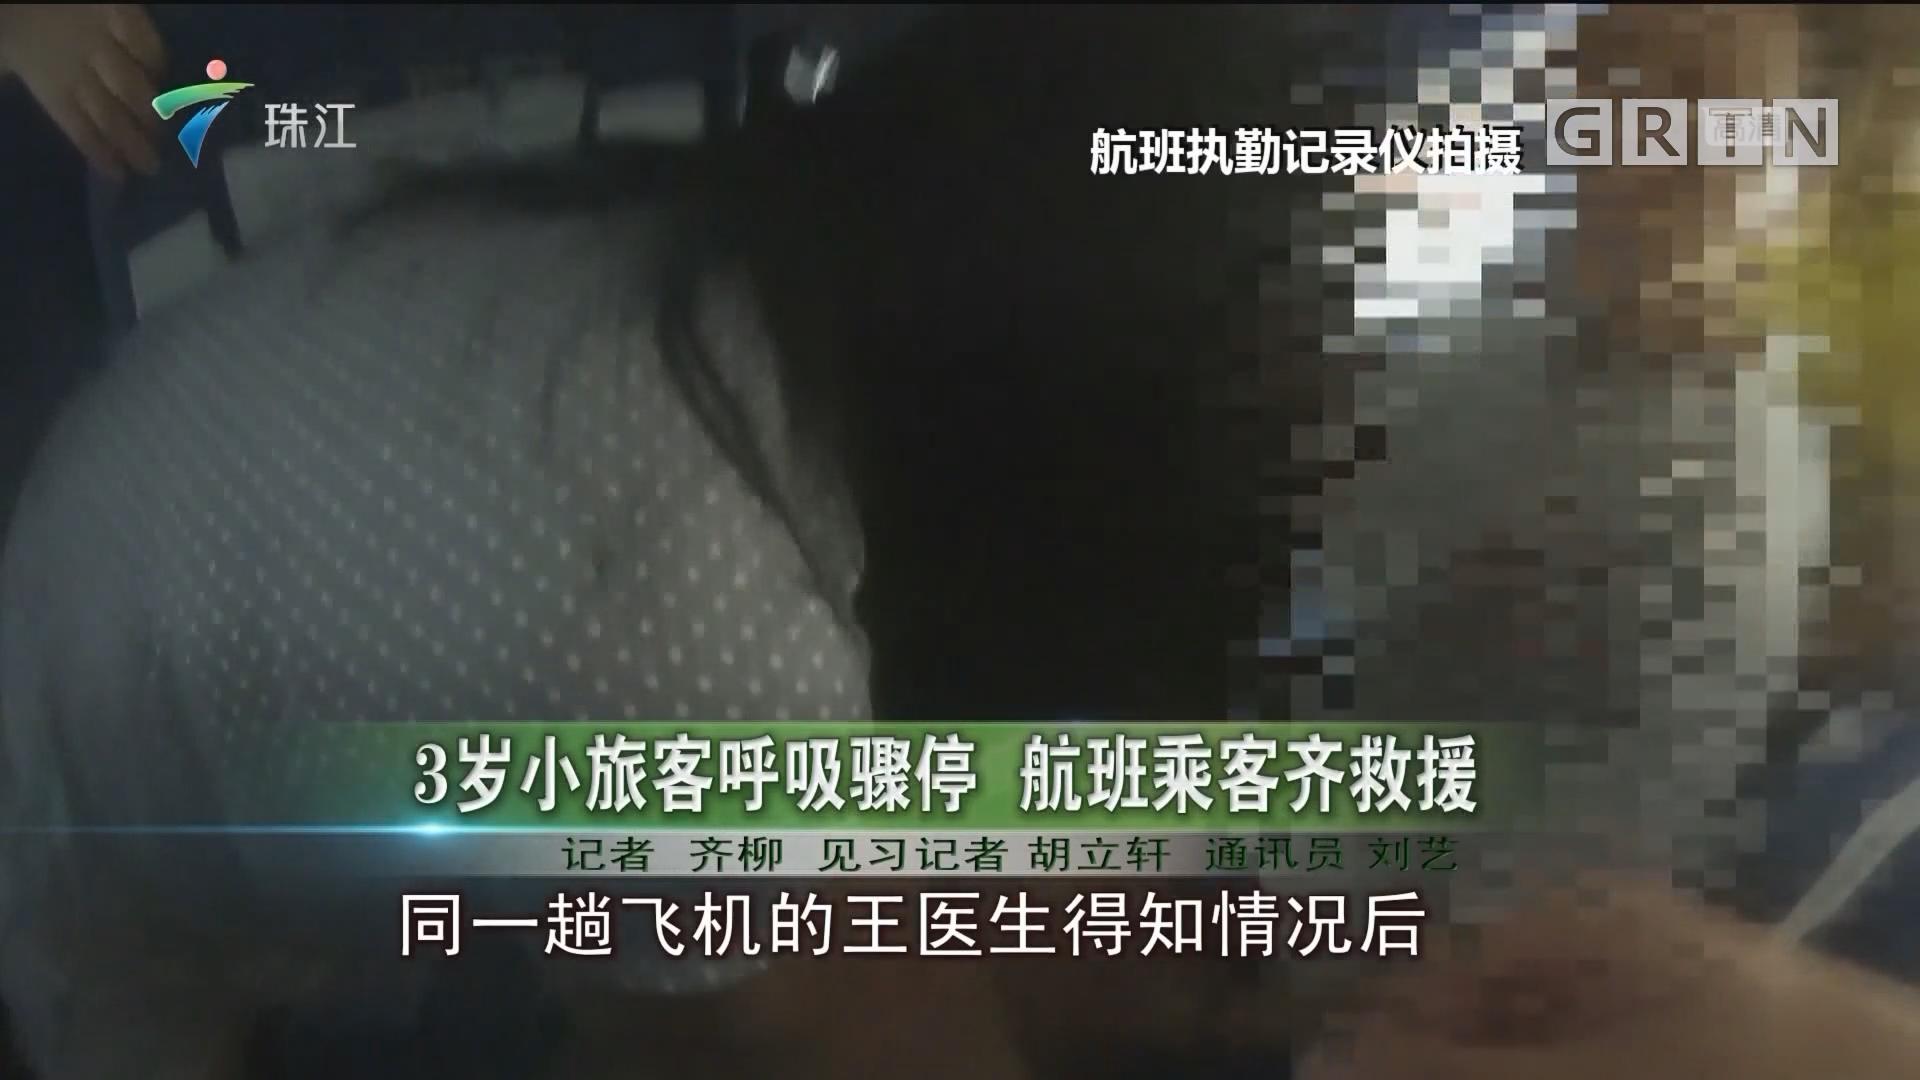 3岁小旅客呼吸骤停 航班乘客齐救援